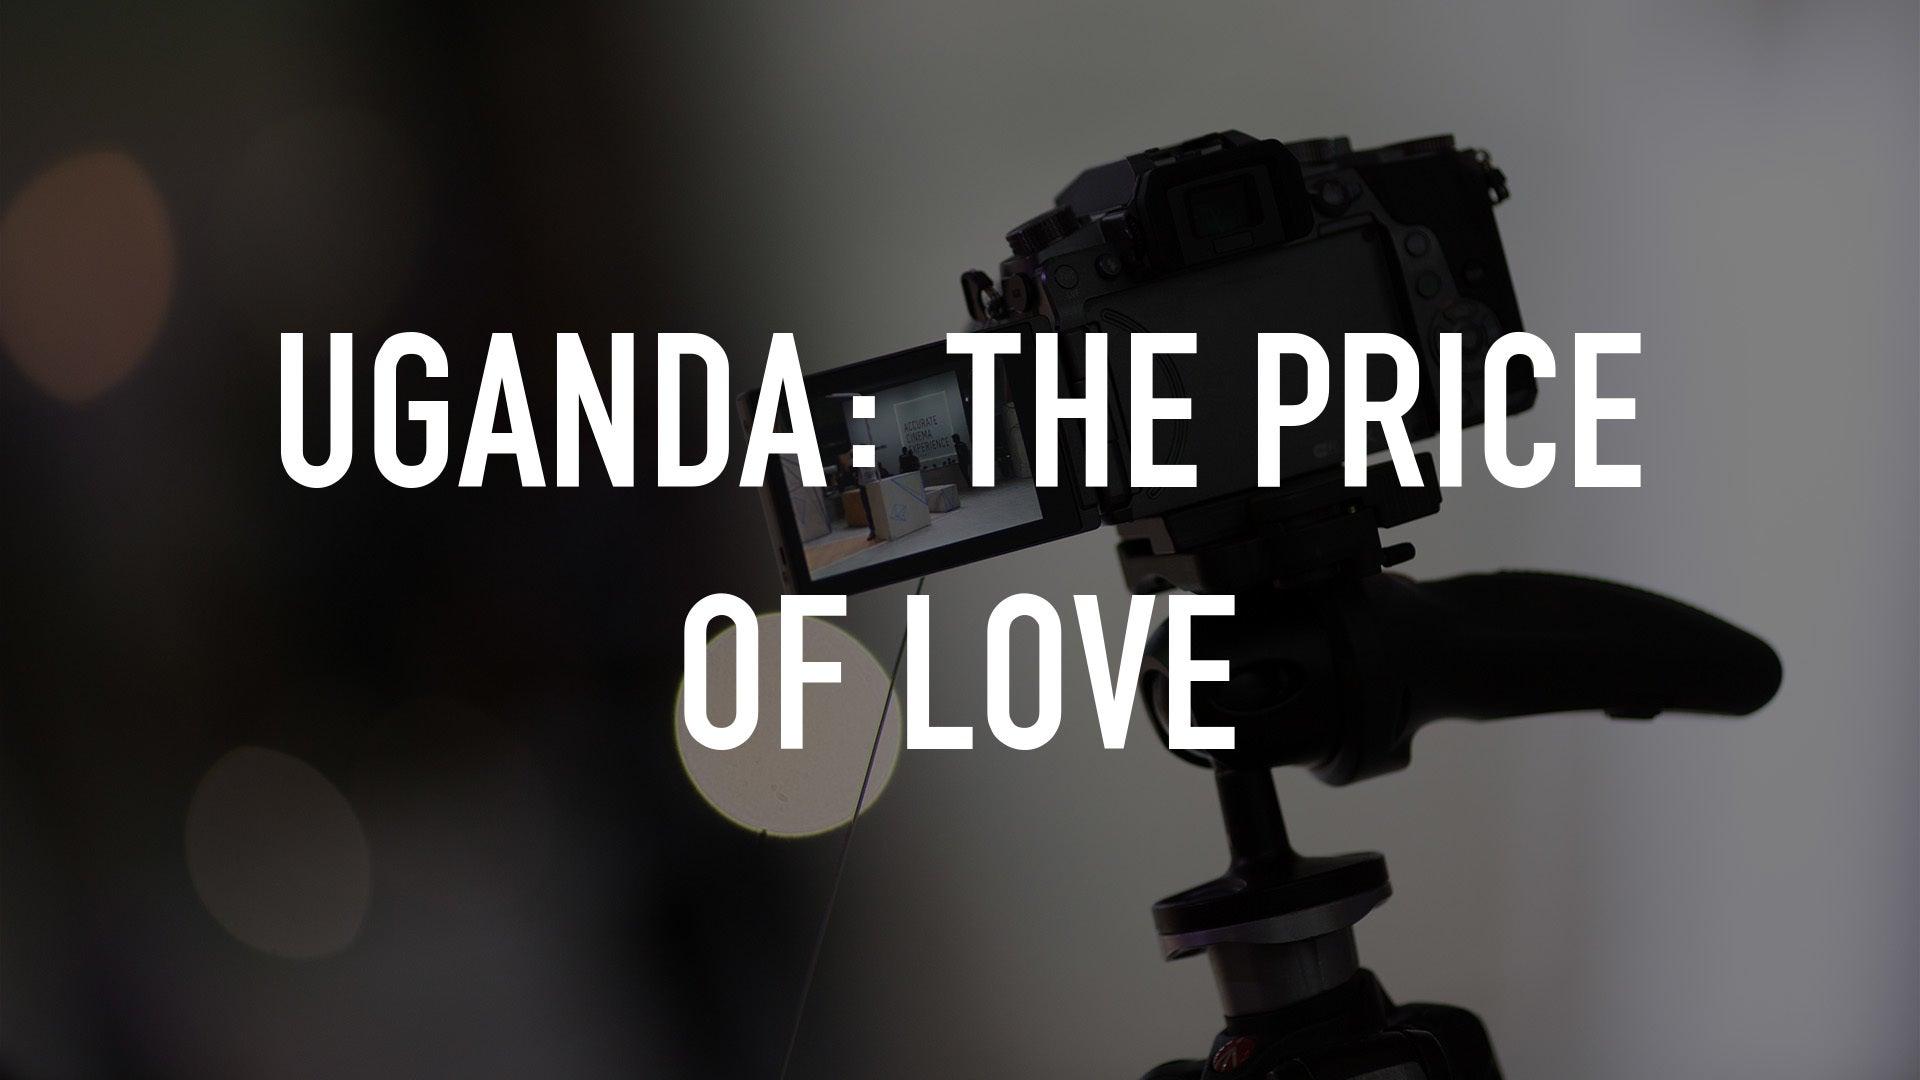 Uganda: The Price of Love